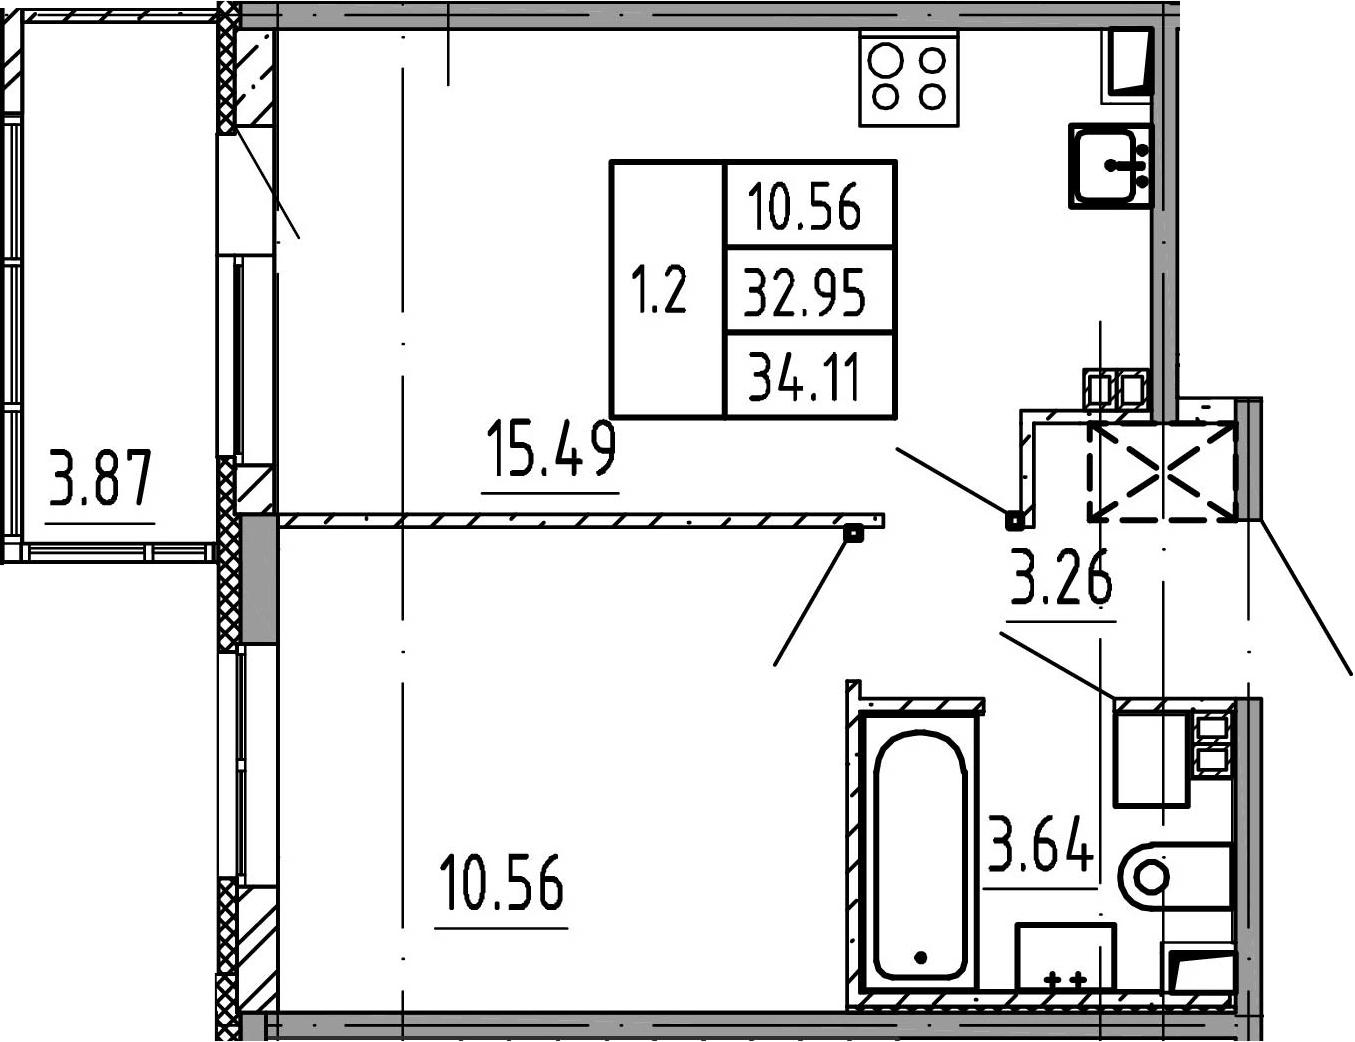 2Е-к.кв, 32.95 м², 4 этаж